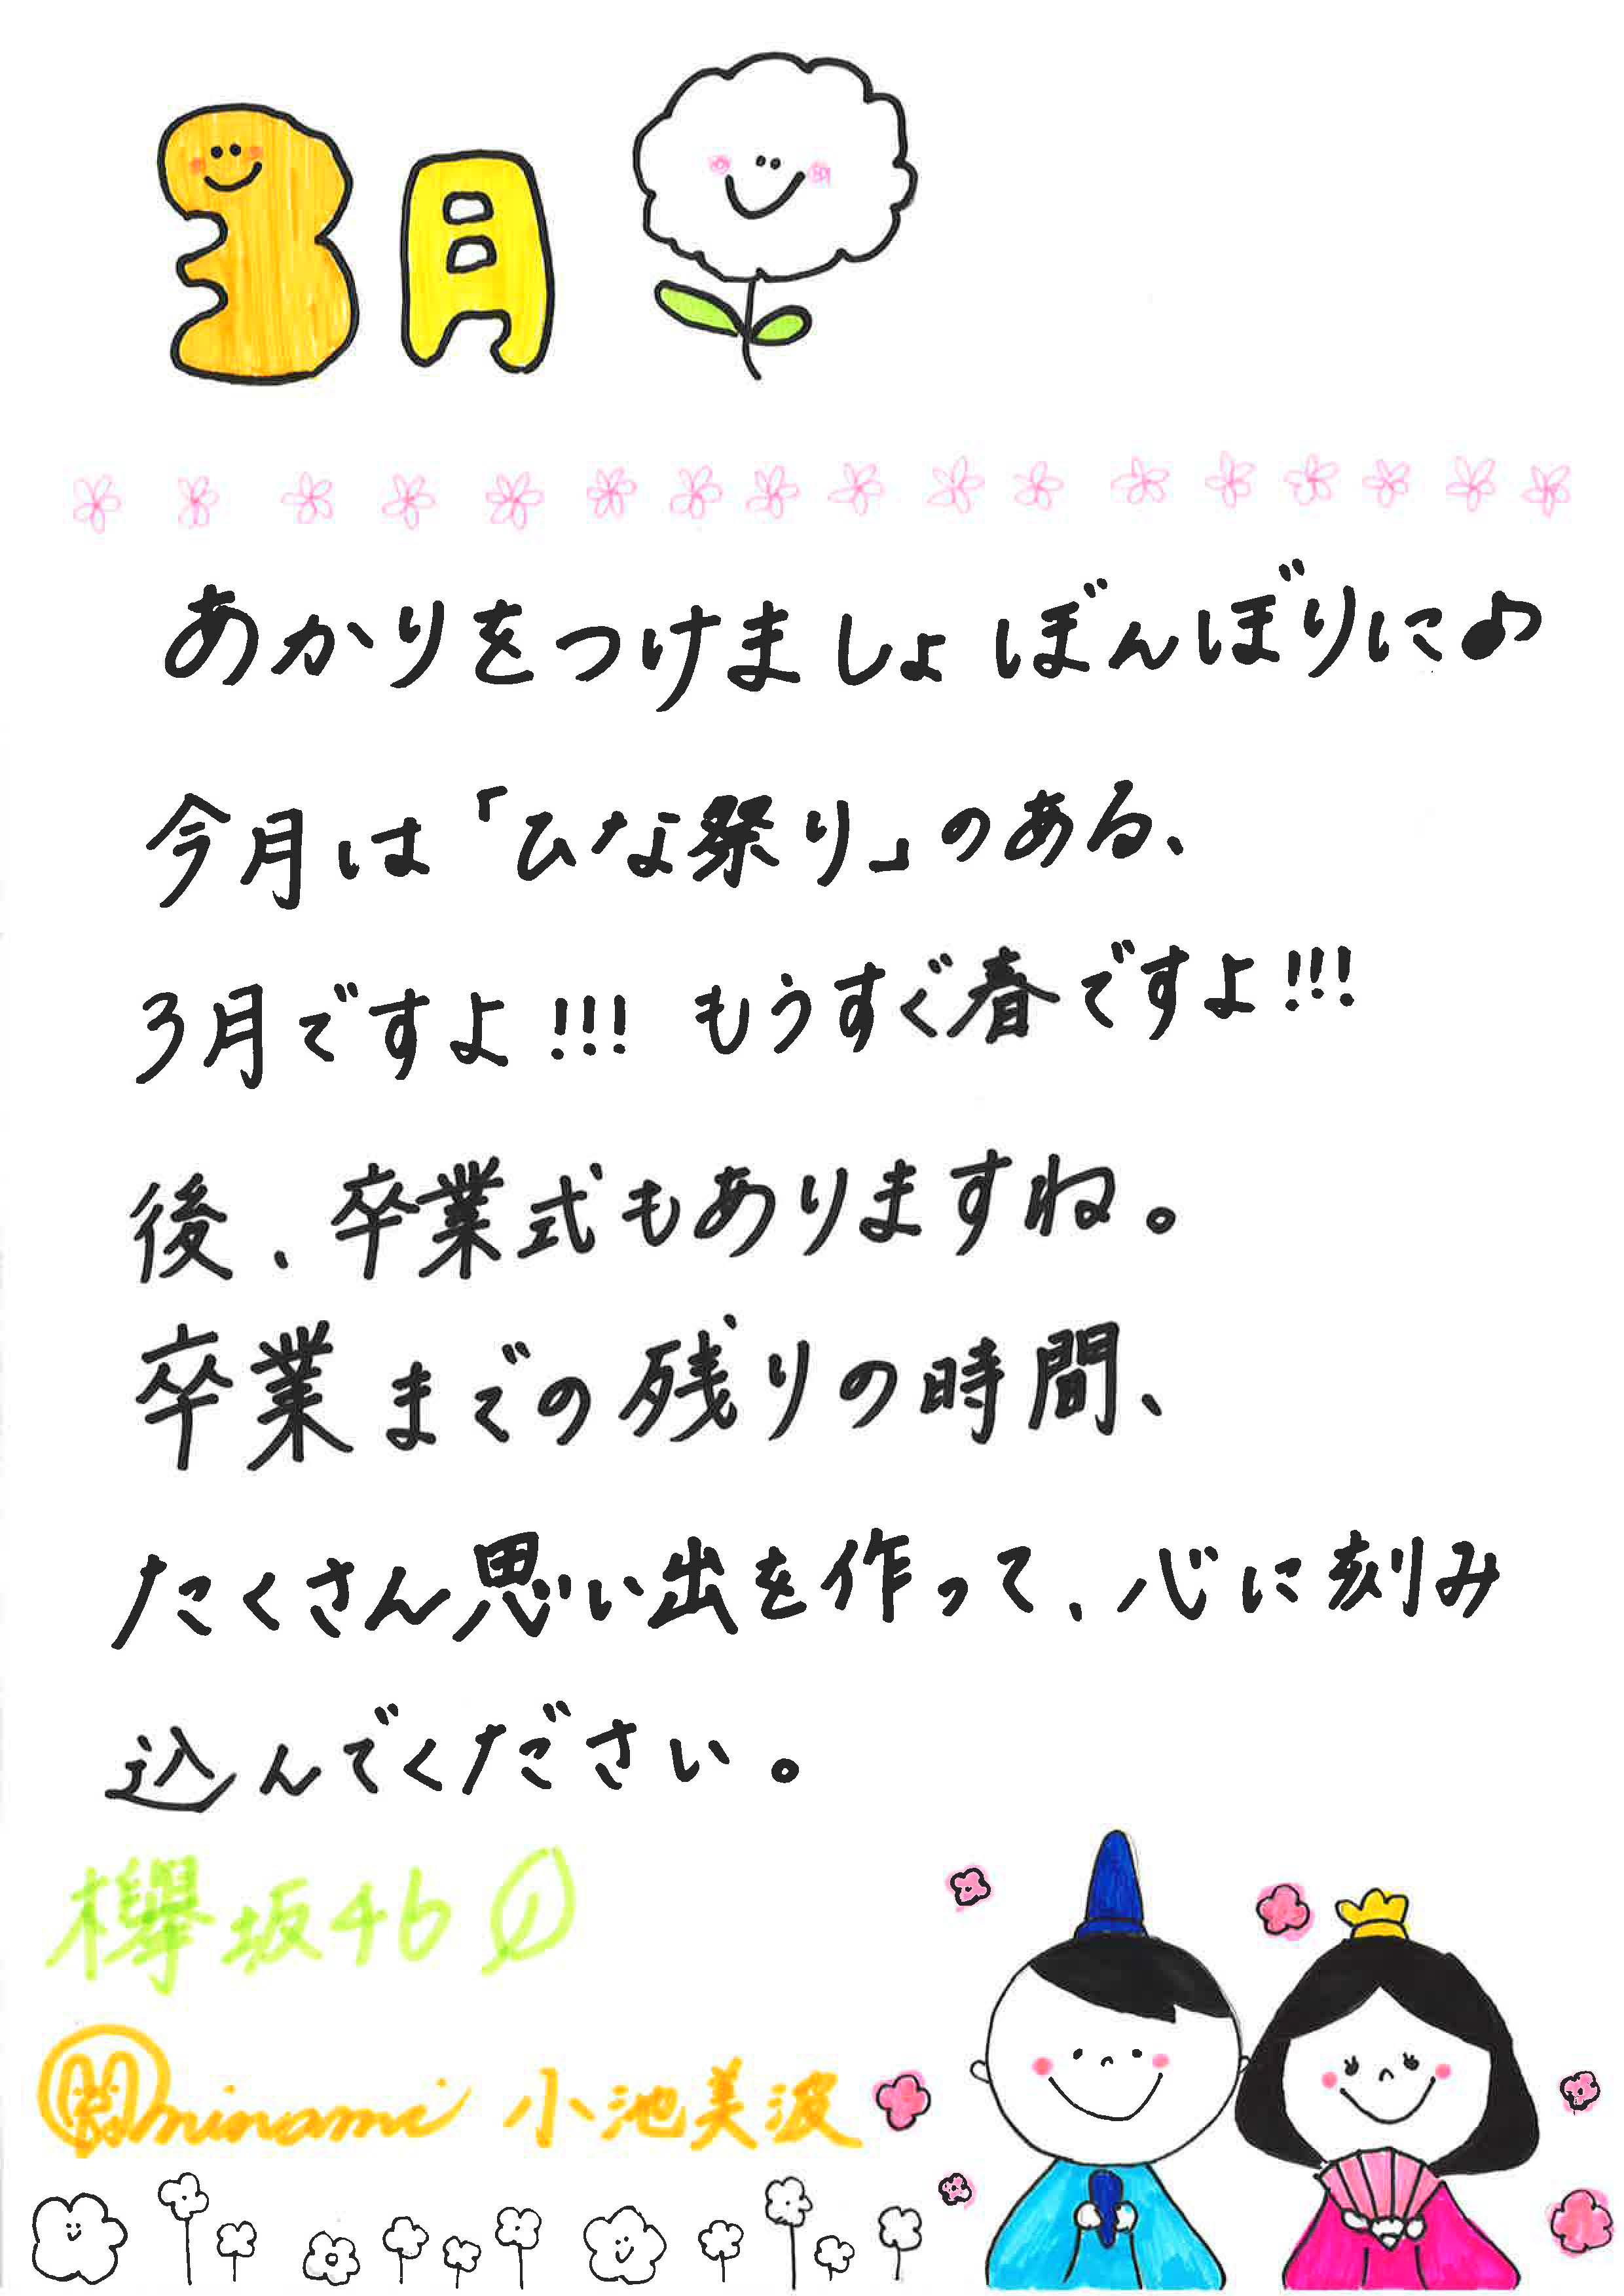 【欅坂46】小池美波応援スレ★13【みいちゃん】 YouTube動画>20本 ->画像>478枚